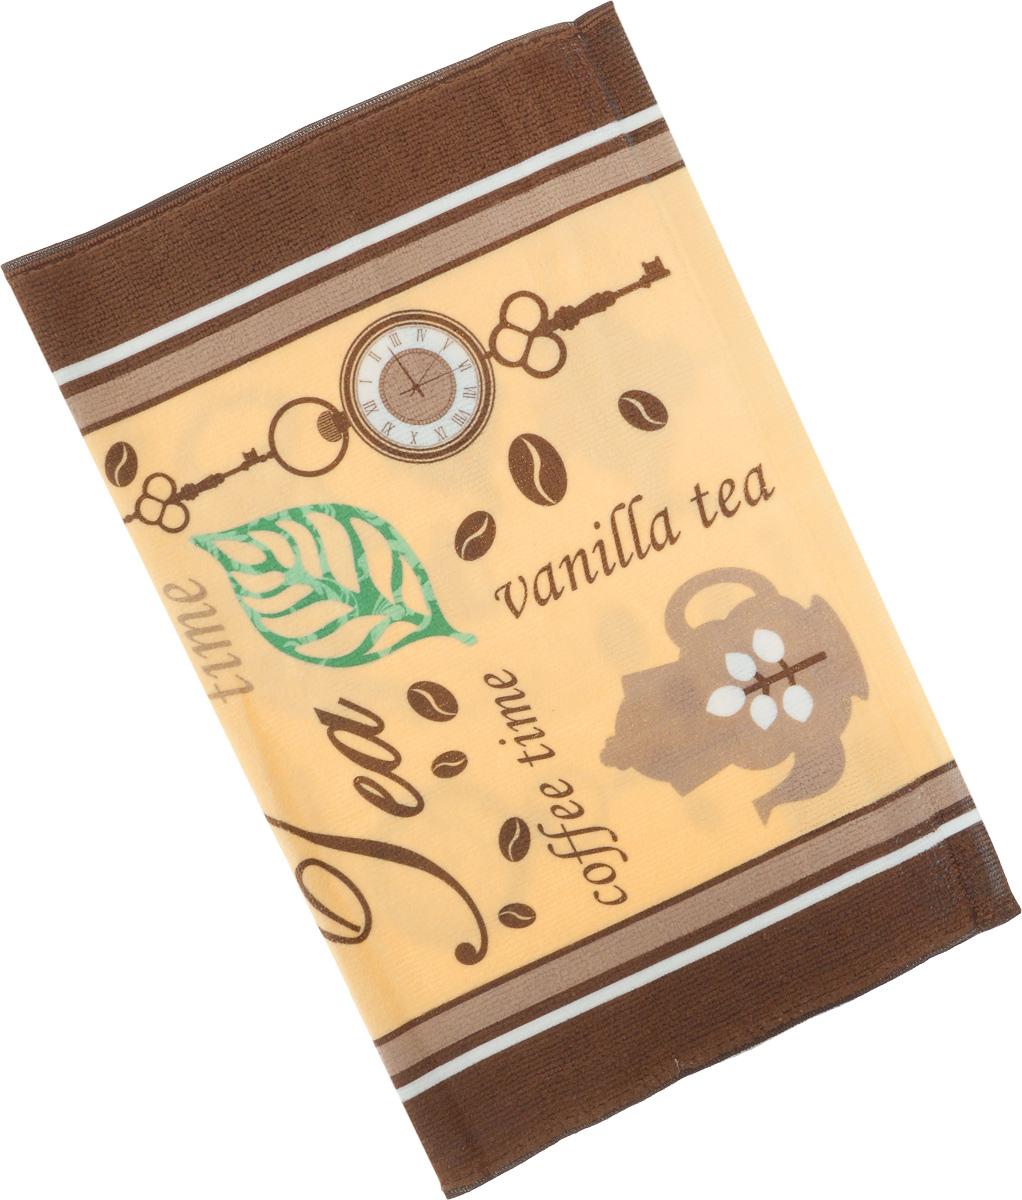 Полотенце кухонное Soavita Чай-Кофе, 38 х 50 см. 7712477124Кухонное полотенце Soavita Чай-Кофе, выполненное из высококачественной микрофибры (80% полиэстер, 20% полиамид), оформлено оригинальным рисунком. Изделие предназначено для использования на кухне и в столовой.Такое полотенце станет отличным вариантом для практичной и современной хозяйки.